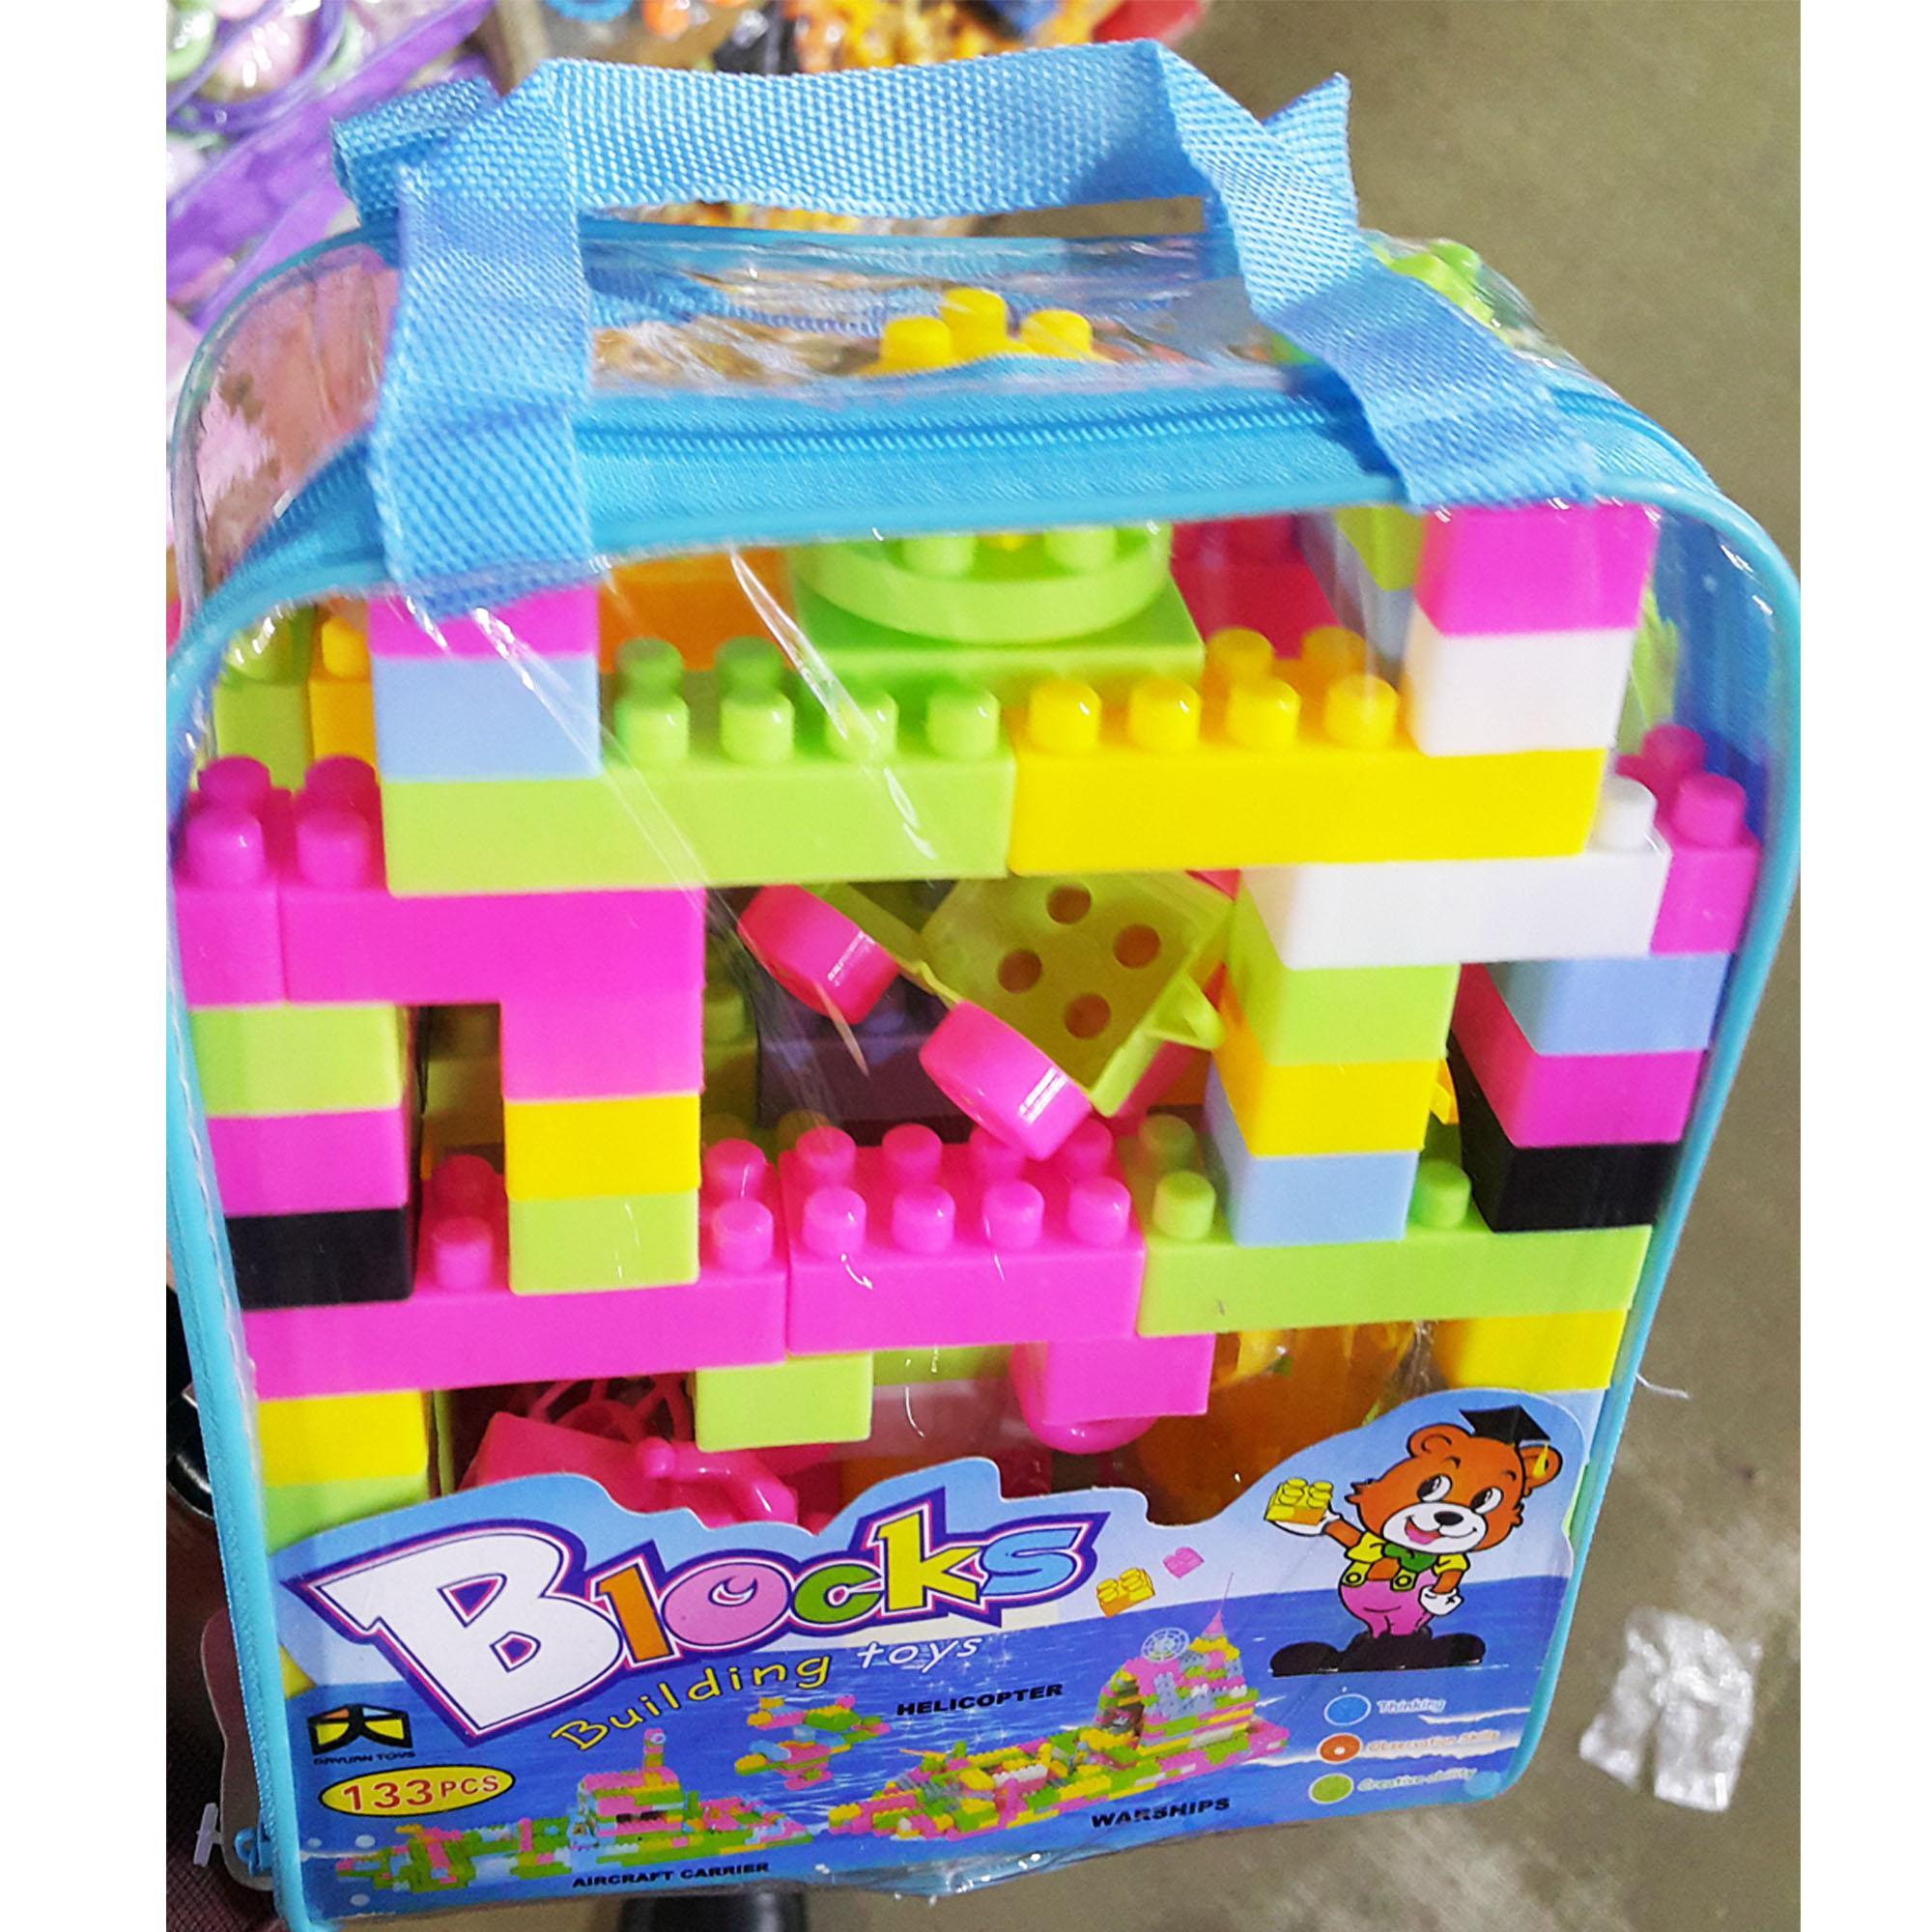 [Promotion Sale] 133 pcs Building Block kids educational toy